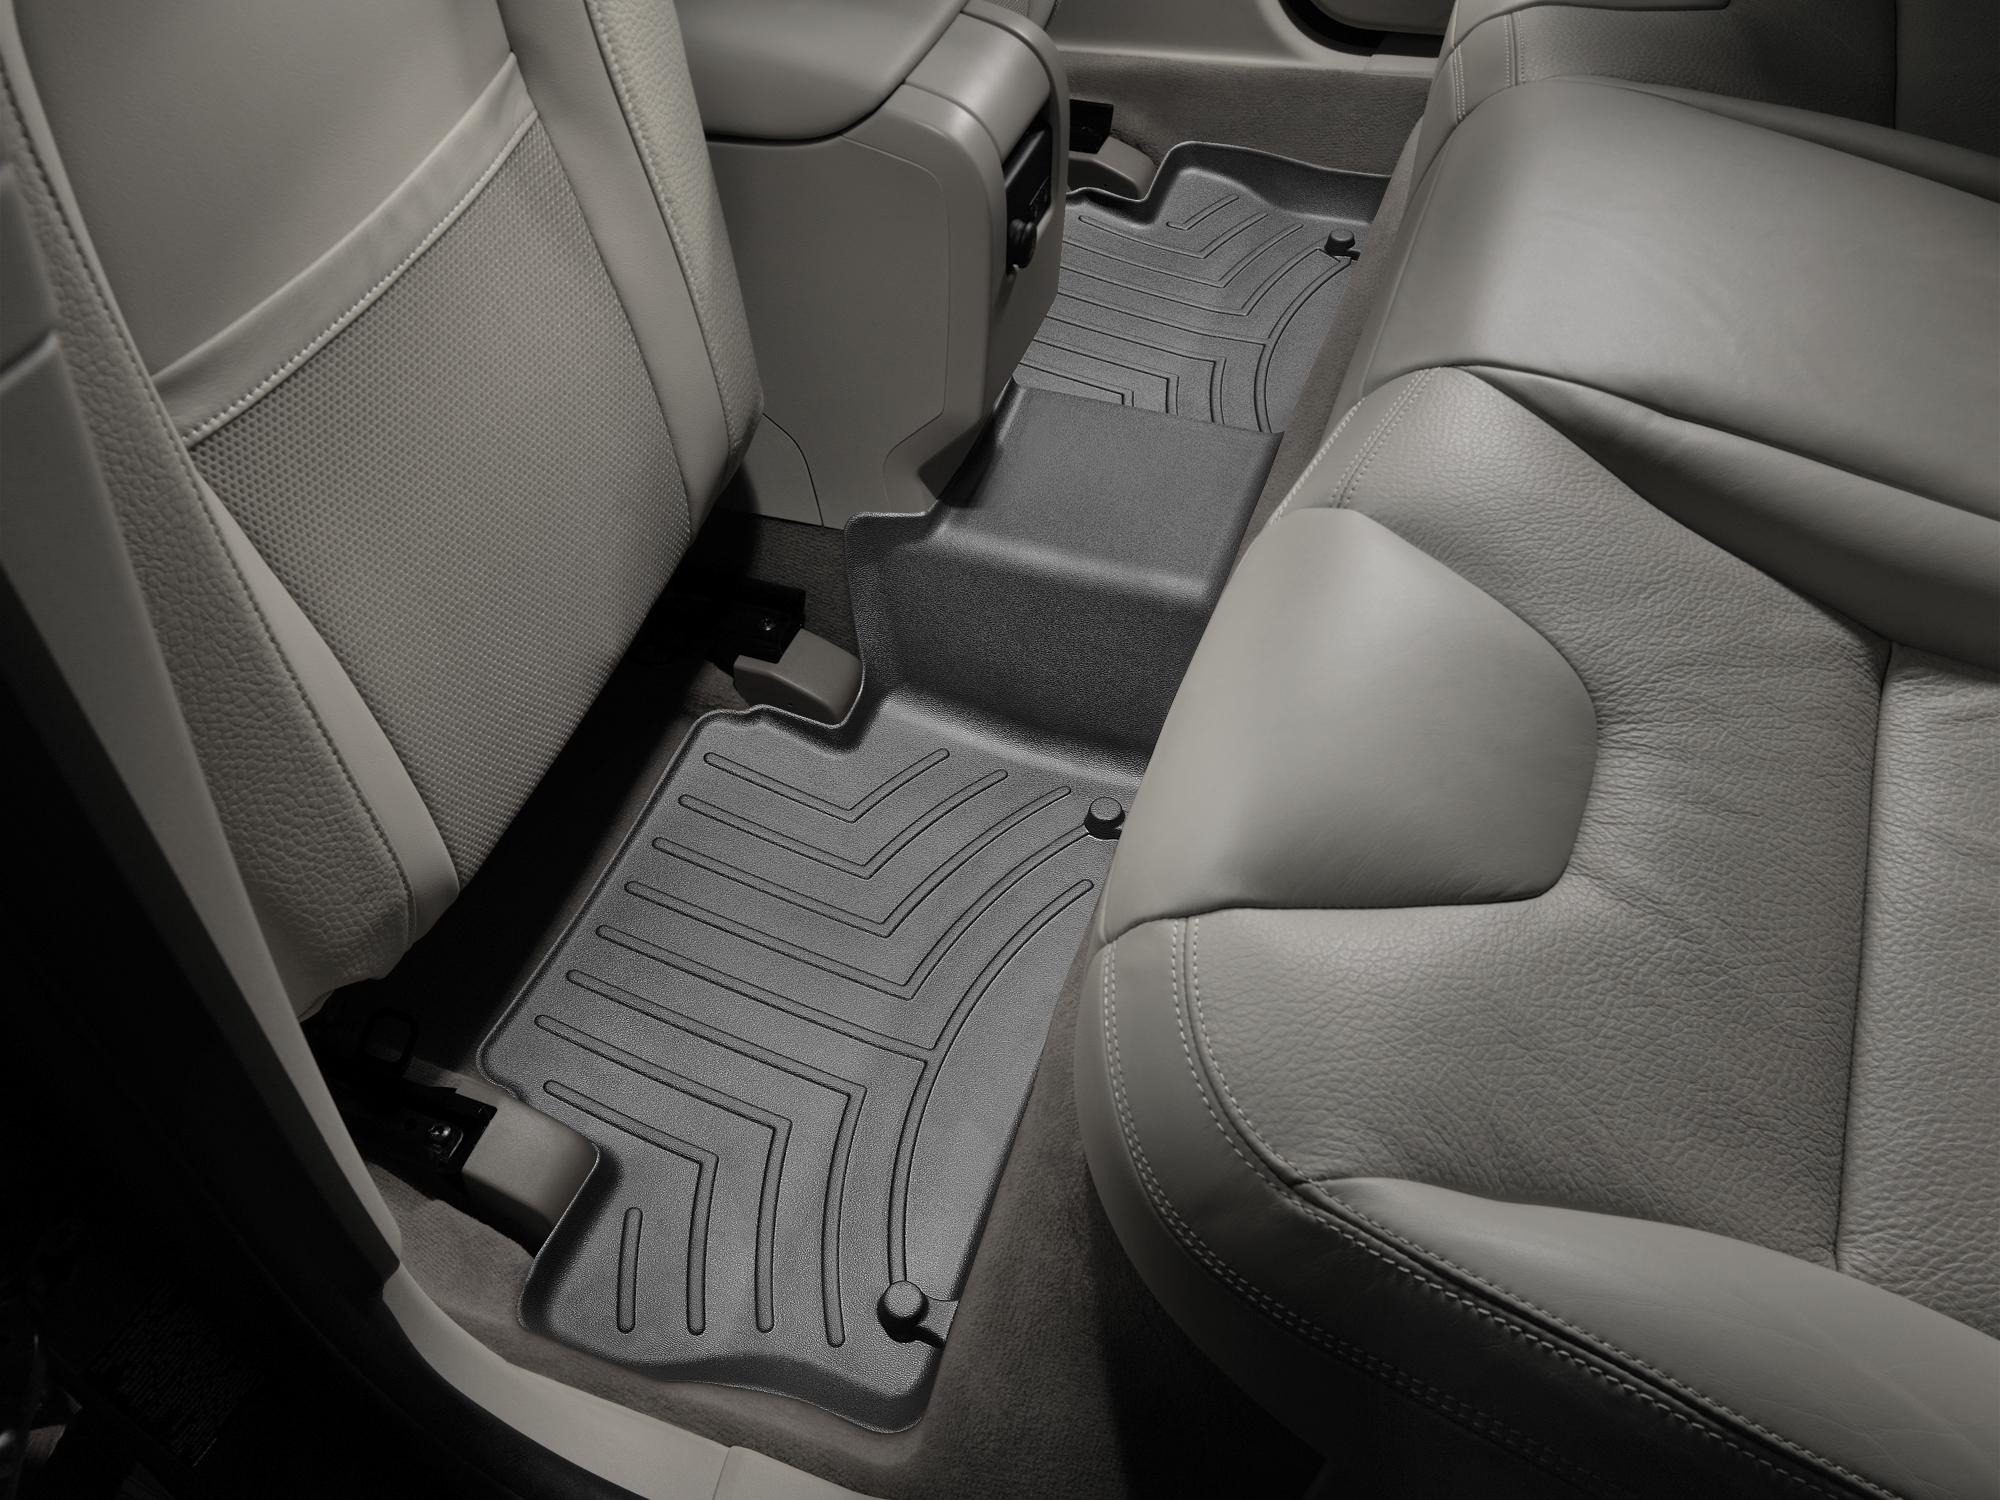 Tappeti gomma su misura bordo alto Volvo XC60 08>17 Nero A4424*